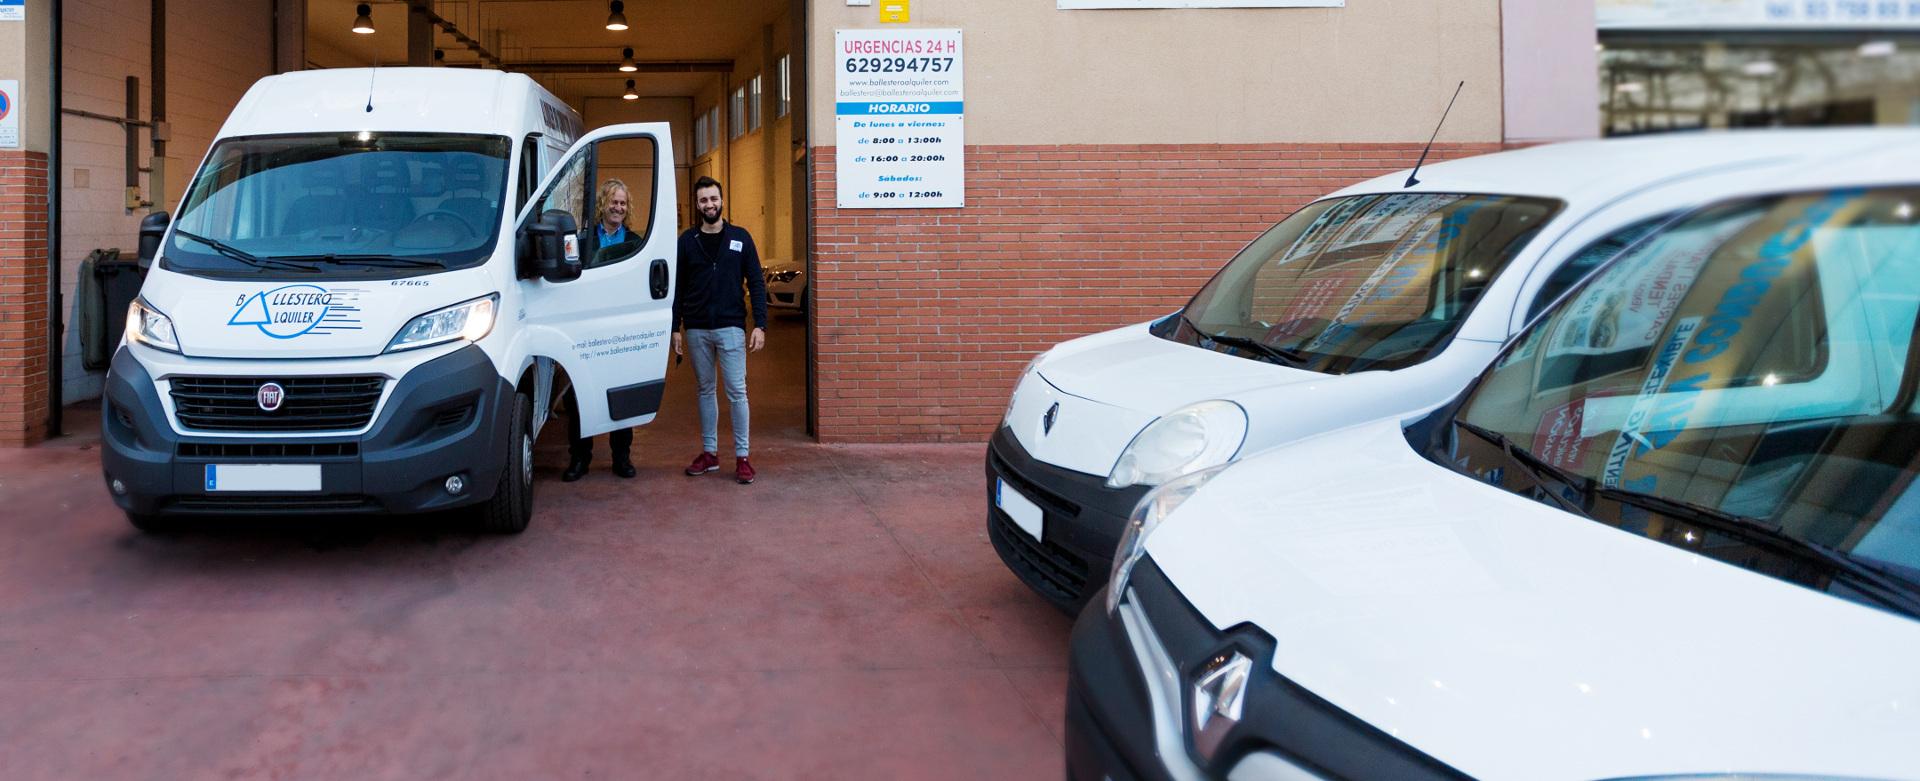 Bienvenido Alquiler De Furgonetas Barcelona Hospitalet Llobregat Badalona Ripollet Mataro El Prat